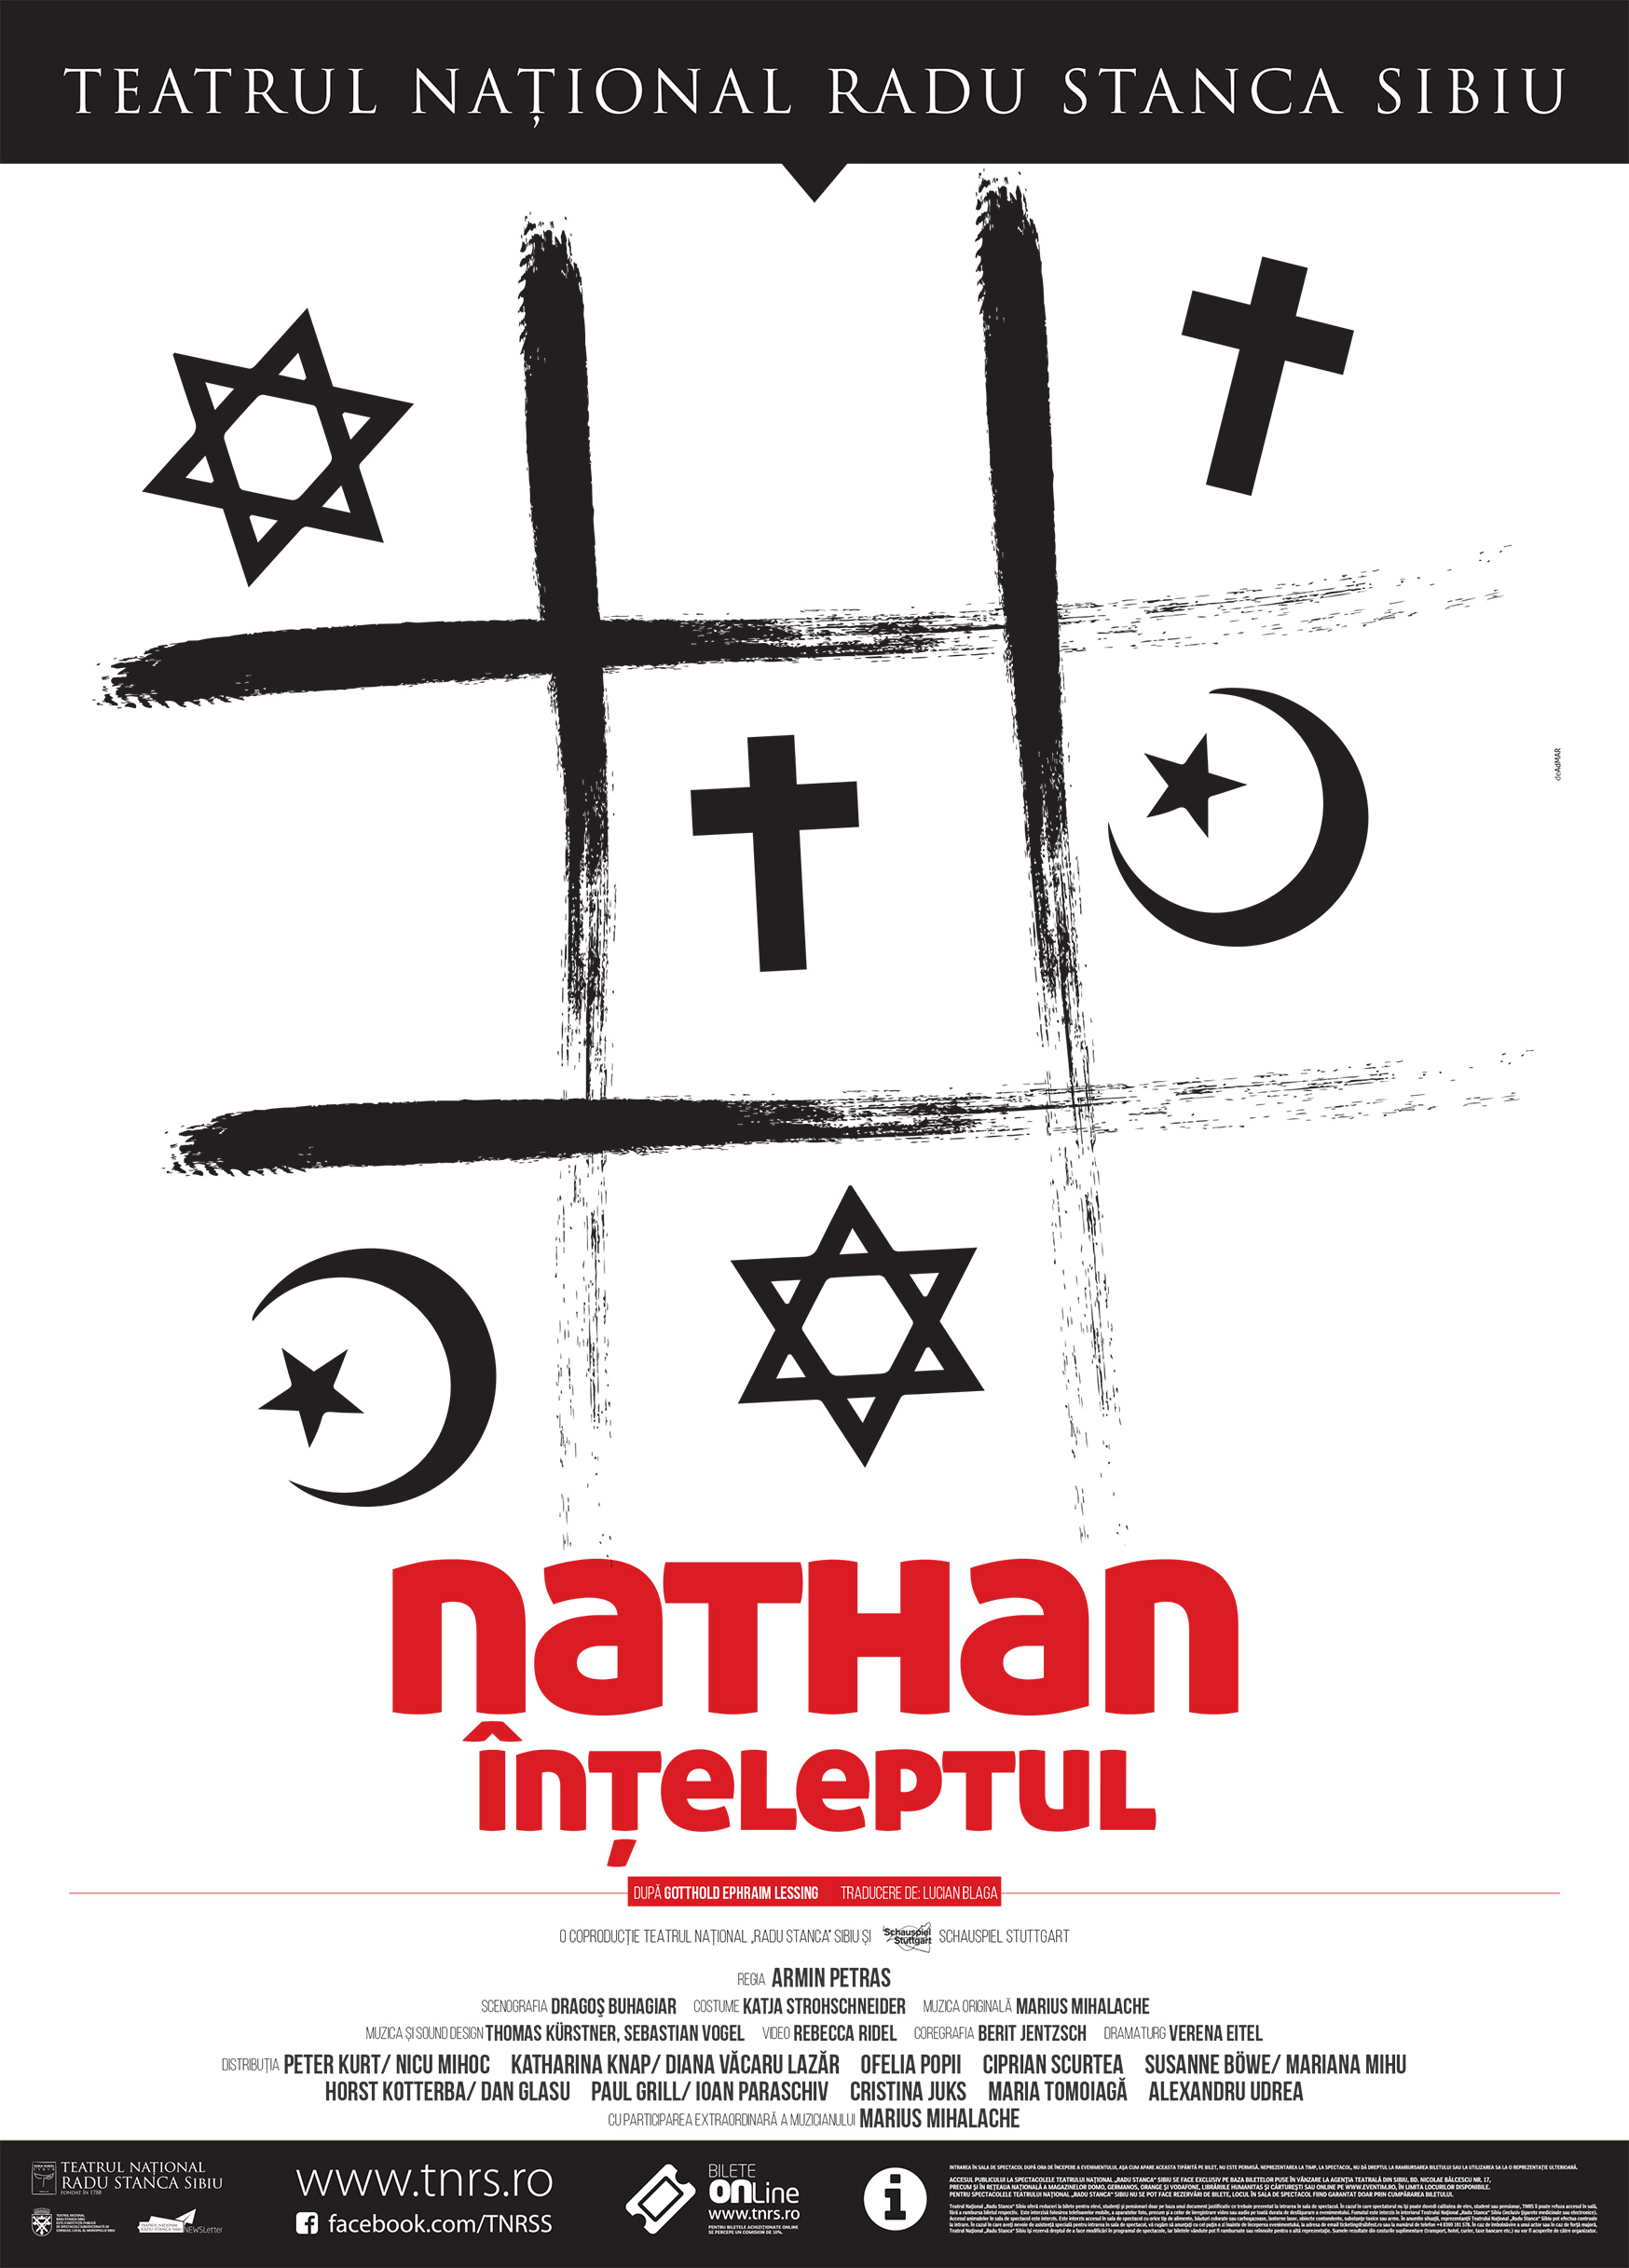 Bilete la nathan neleptul malvernweather Image collections